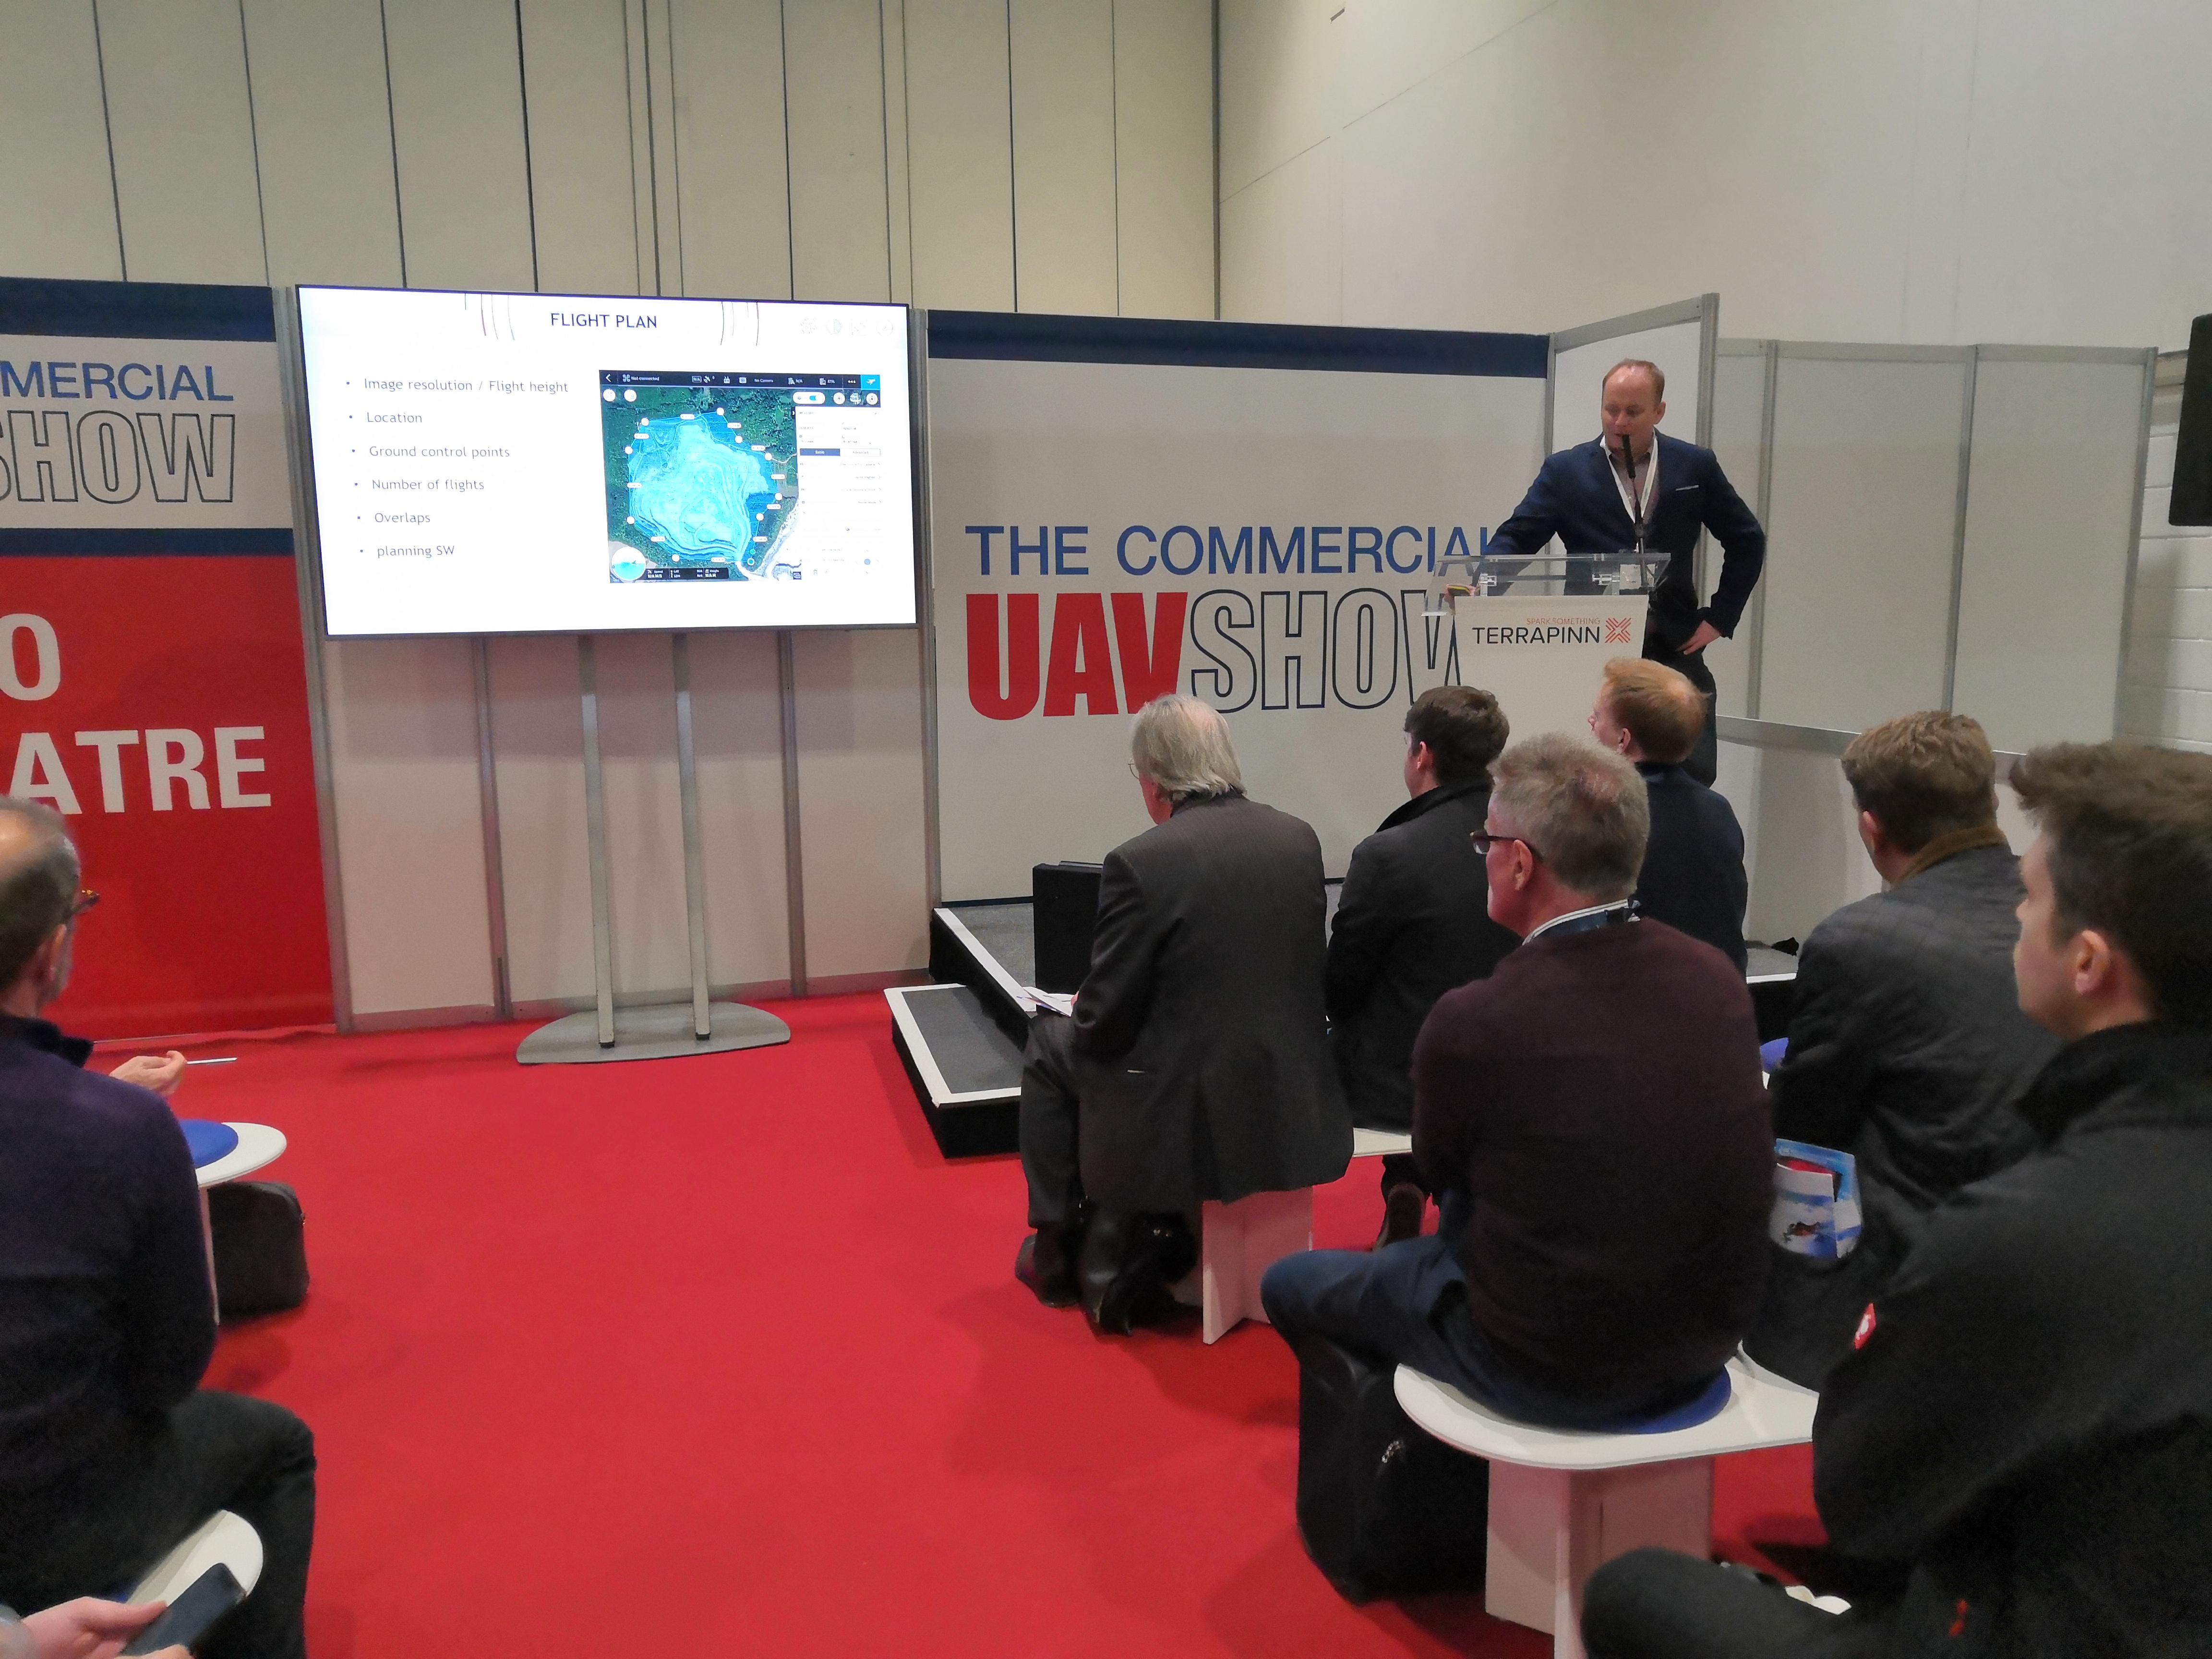 Jakub měl na pozvání v Londýně na Commercial UAV Show 2019 přednášku a vedl kulatý stůl k UTM